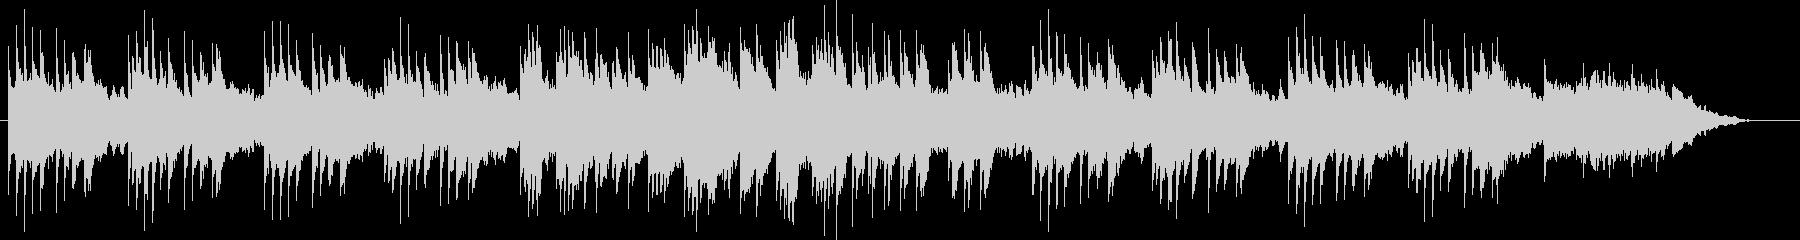 琴とピアノによる切なく幻想的なBGMの未再生の波形